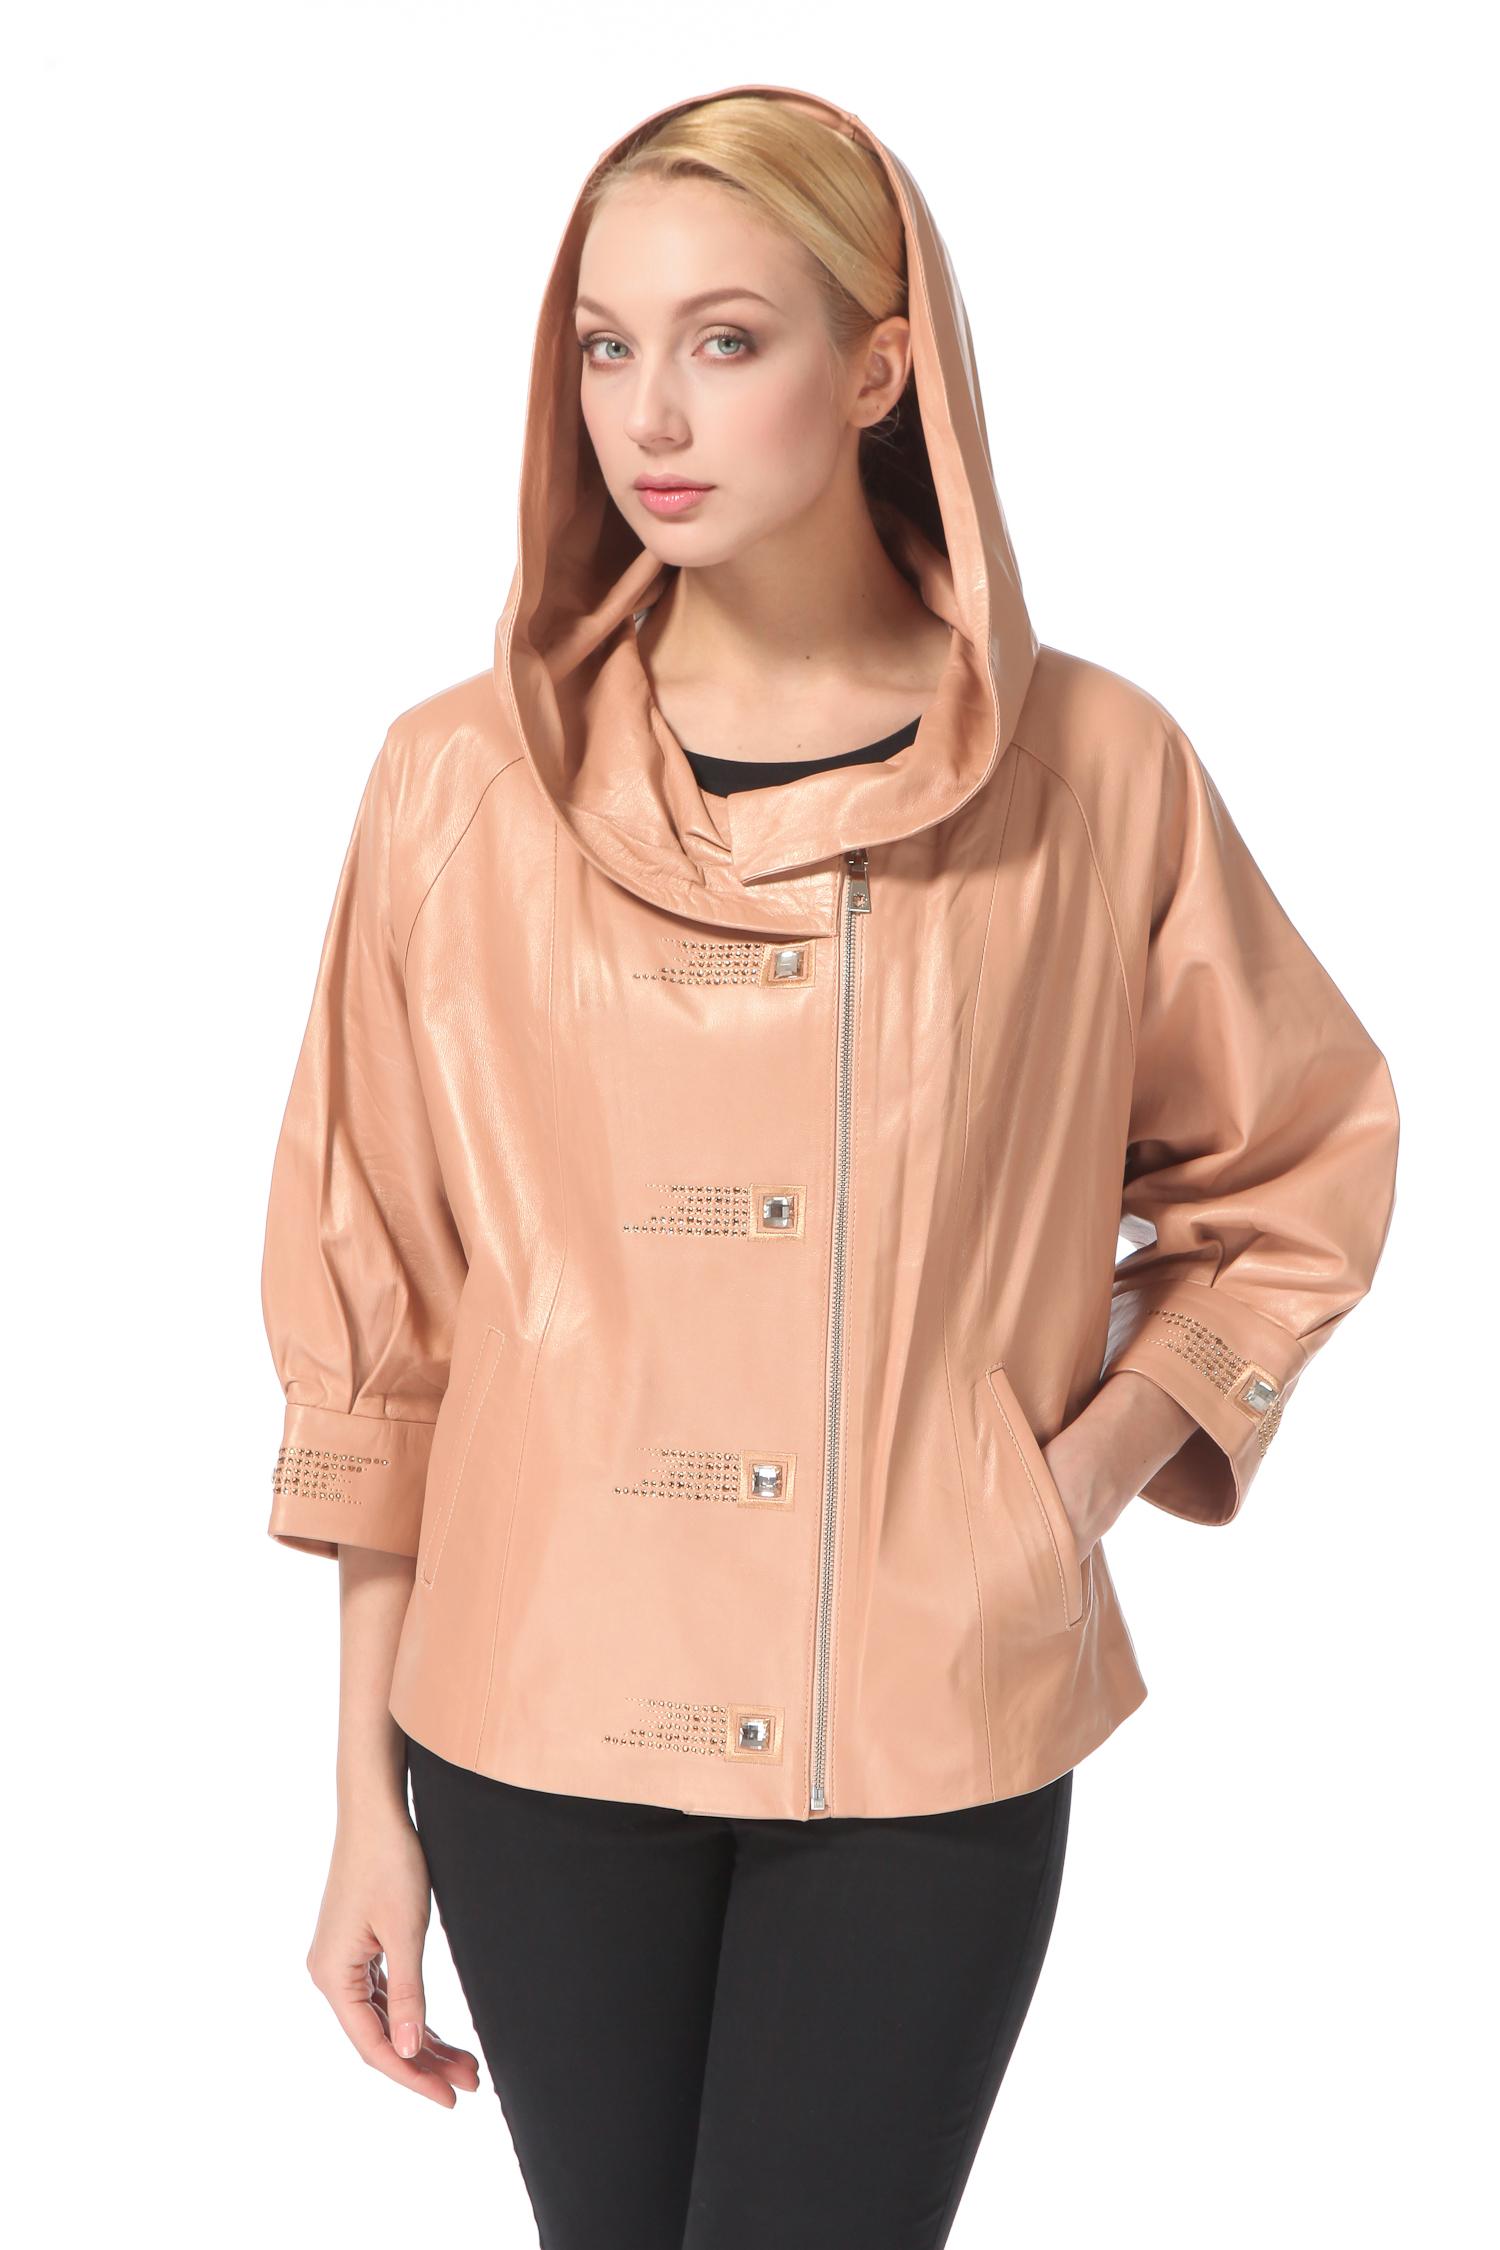 Женская кожаная куртка из натуральной кожи с капюшоном, без отделки<br><br>Воротник: Капюшон<br>Длина см: 65<br>Материал: Натуральная кожа<br>Цвет: Бежевый<br>Пол: Женский